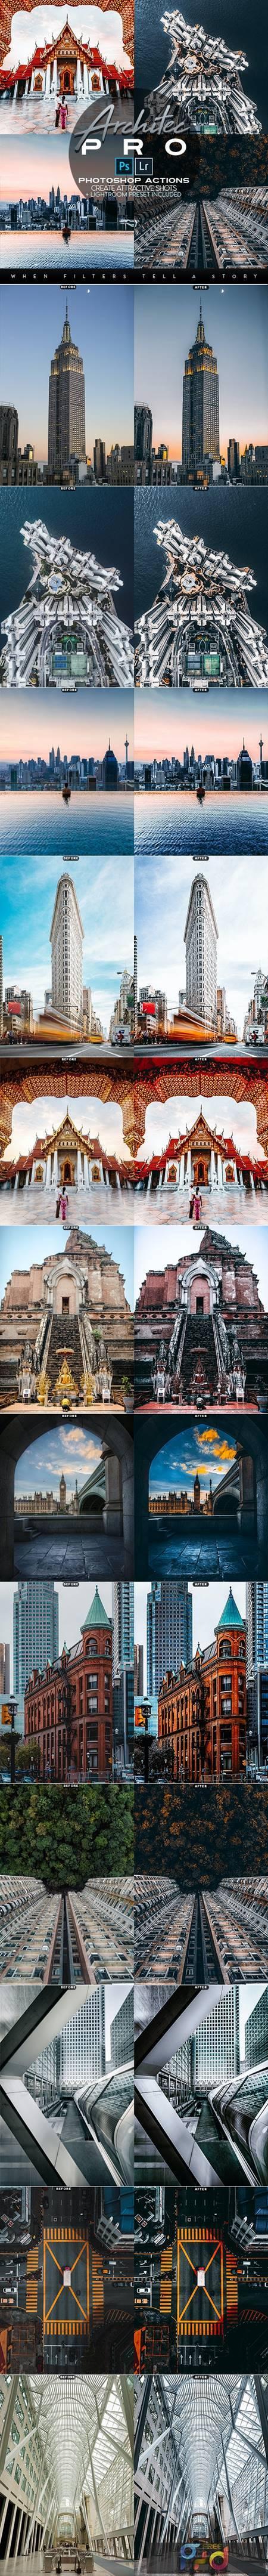 Architec PRO Photoshop Actions + LR Presets 28144644 1